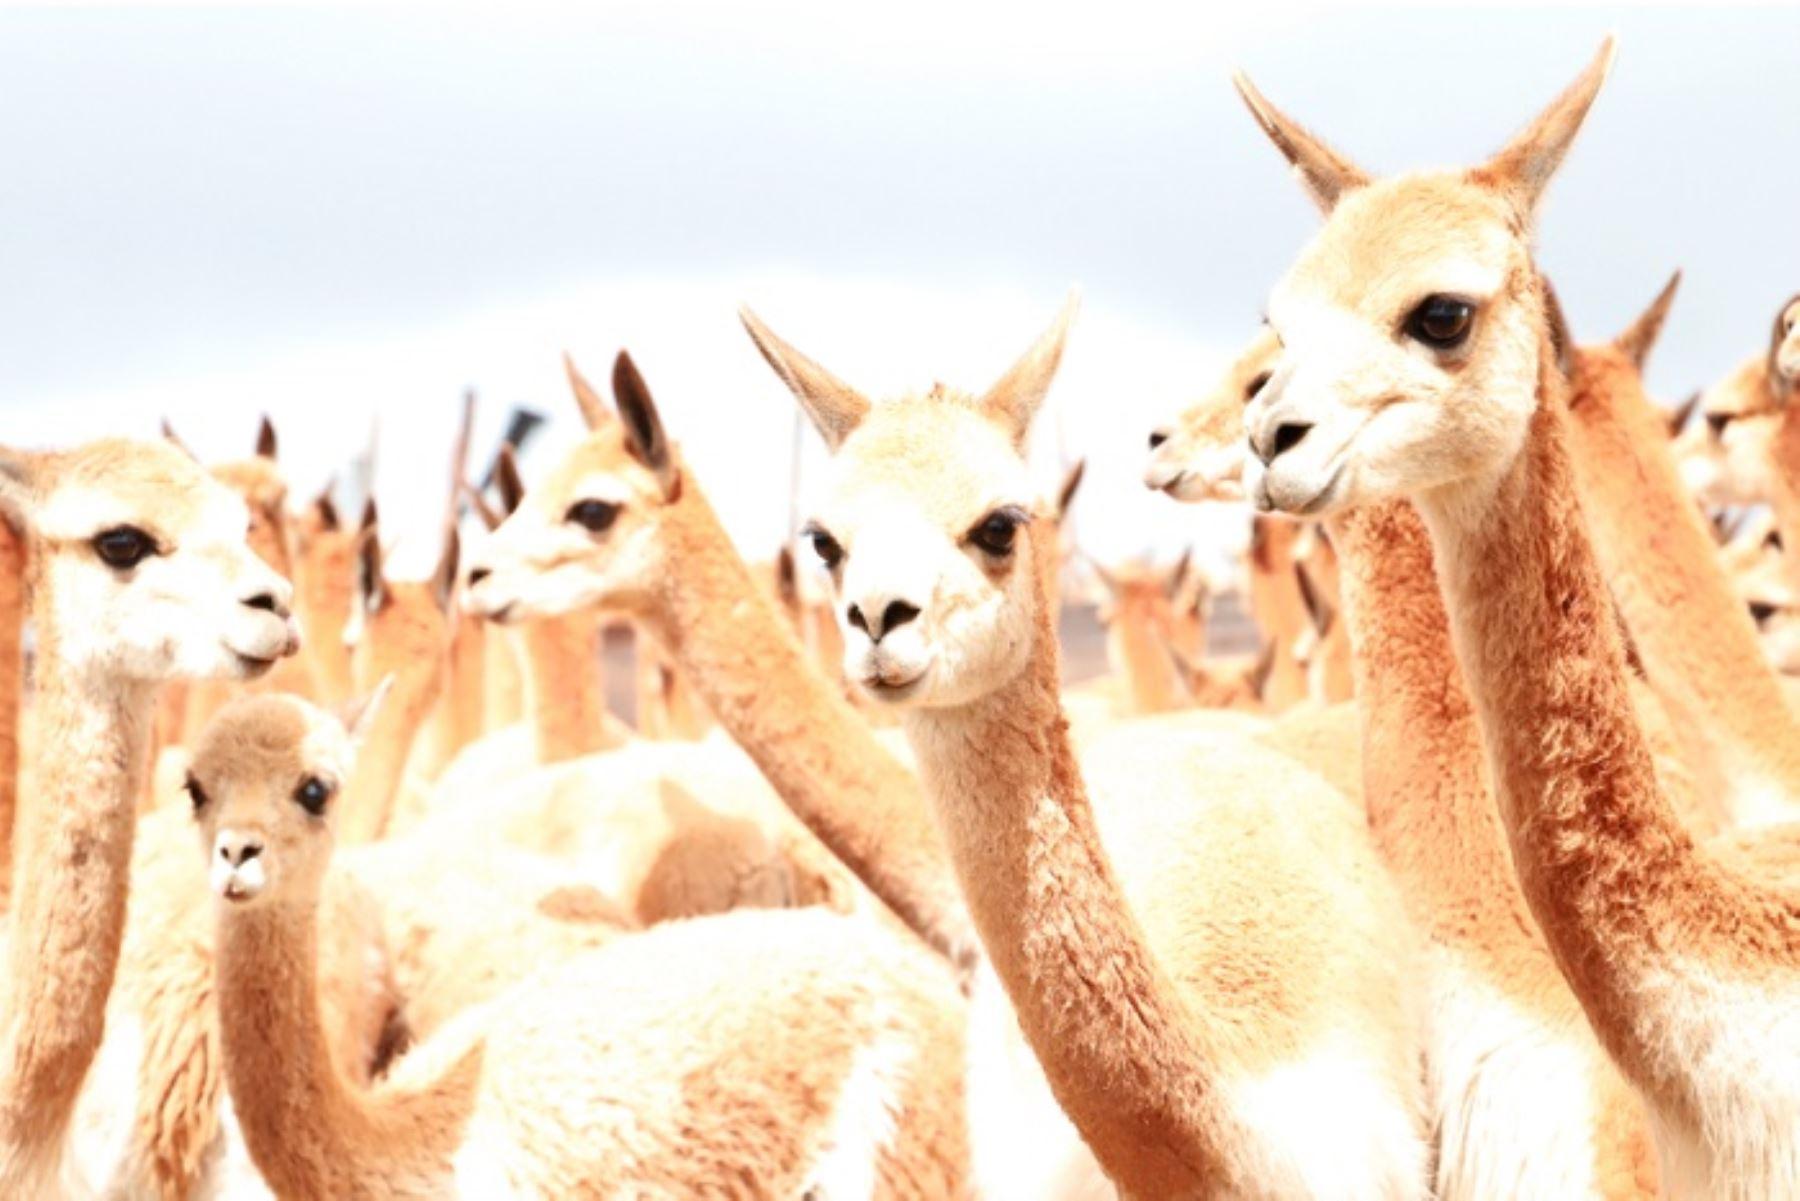 El Serfor, para mejorar la cadena de valor de la fibra de la vicuña a nivel nacional, aprobó el Régimen de promoción para el aprovechamiento sostenible y comercialización de la fibra de camélidos sudamericanos silvestres (Decreto Supremo Nª 014-2014-MINAGRI), que permite la simplificación administrativa para los usuarios.